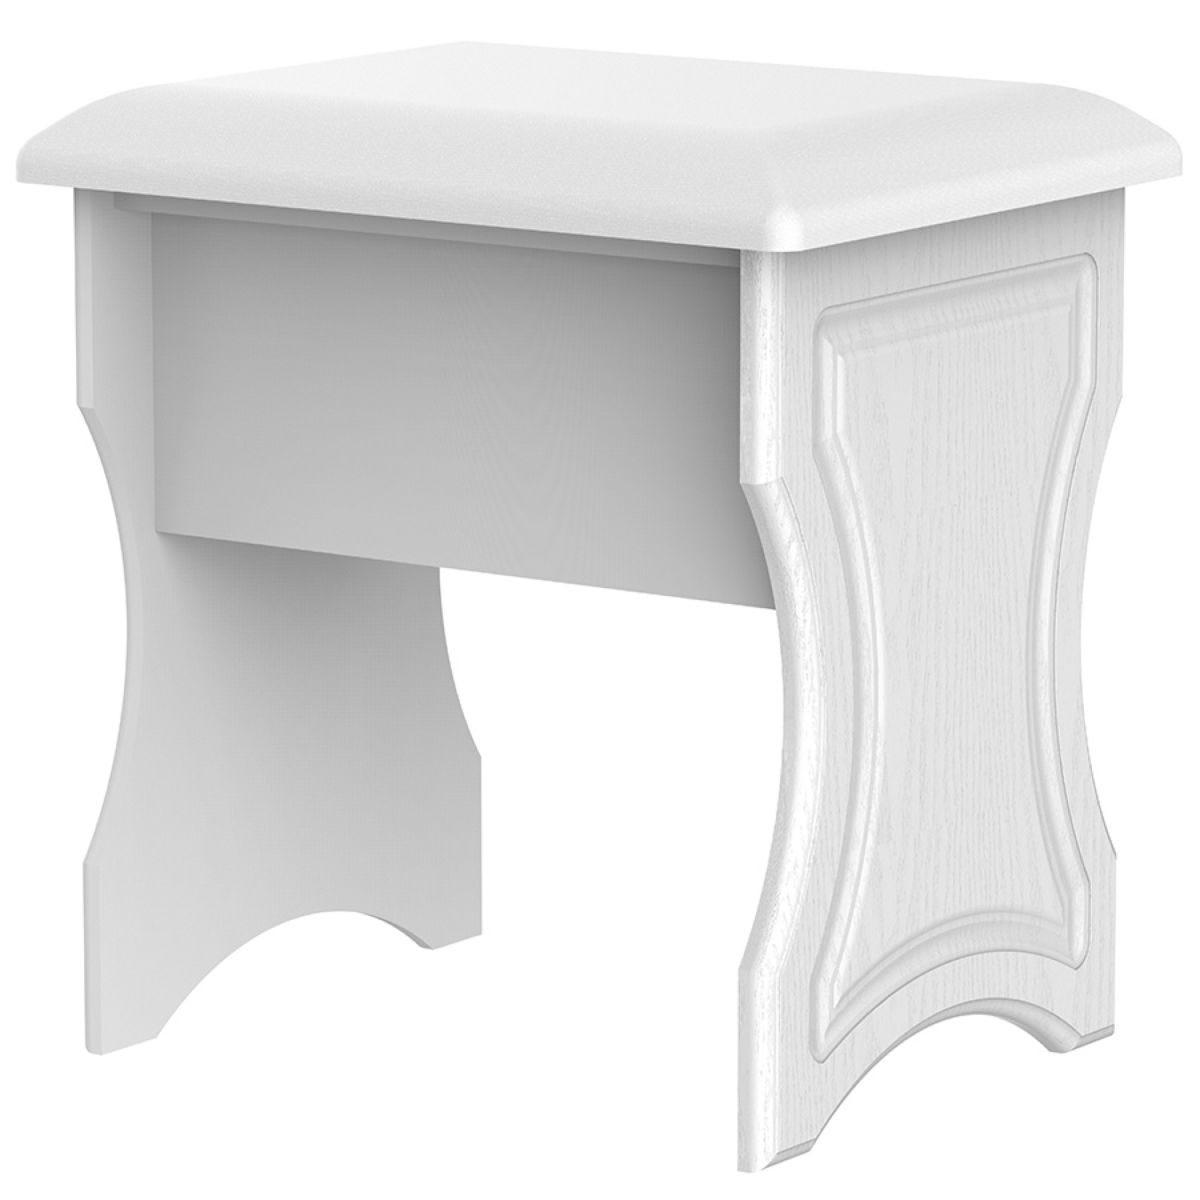 Montego Dressing Table Stool - White